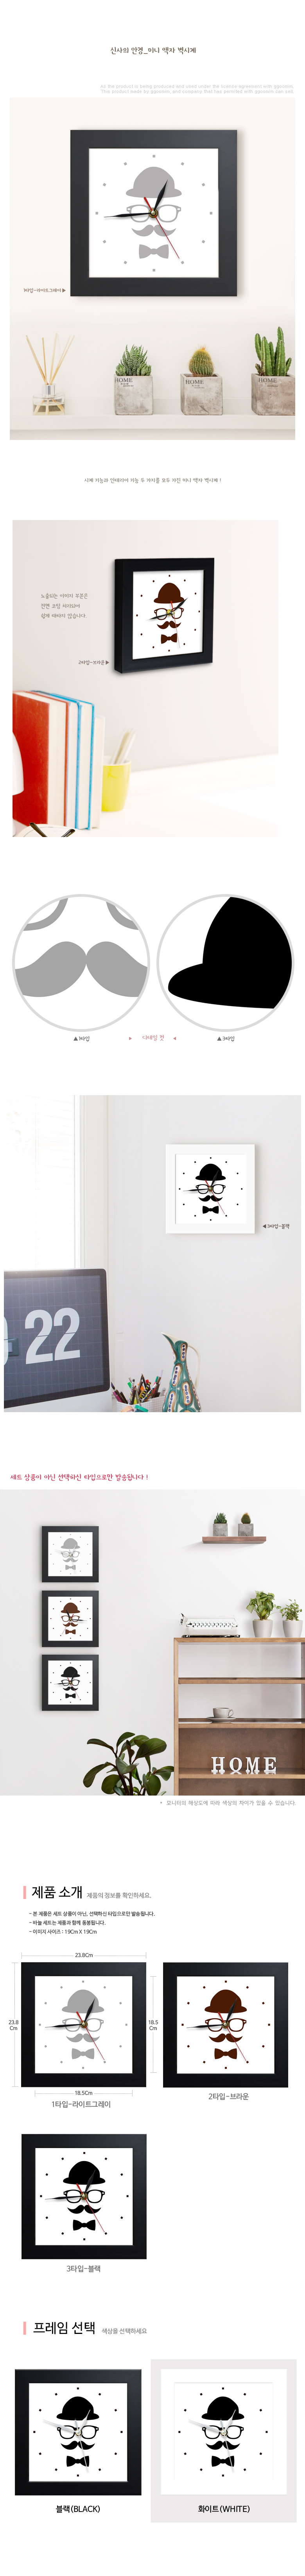 신사의안경_미니액자벽시계 - 꾸밈, 24,000원, 벽시계, 디자인벽시계